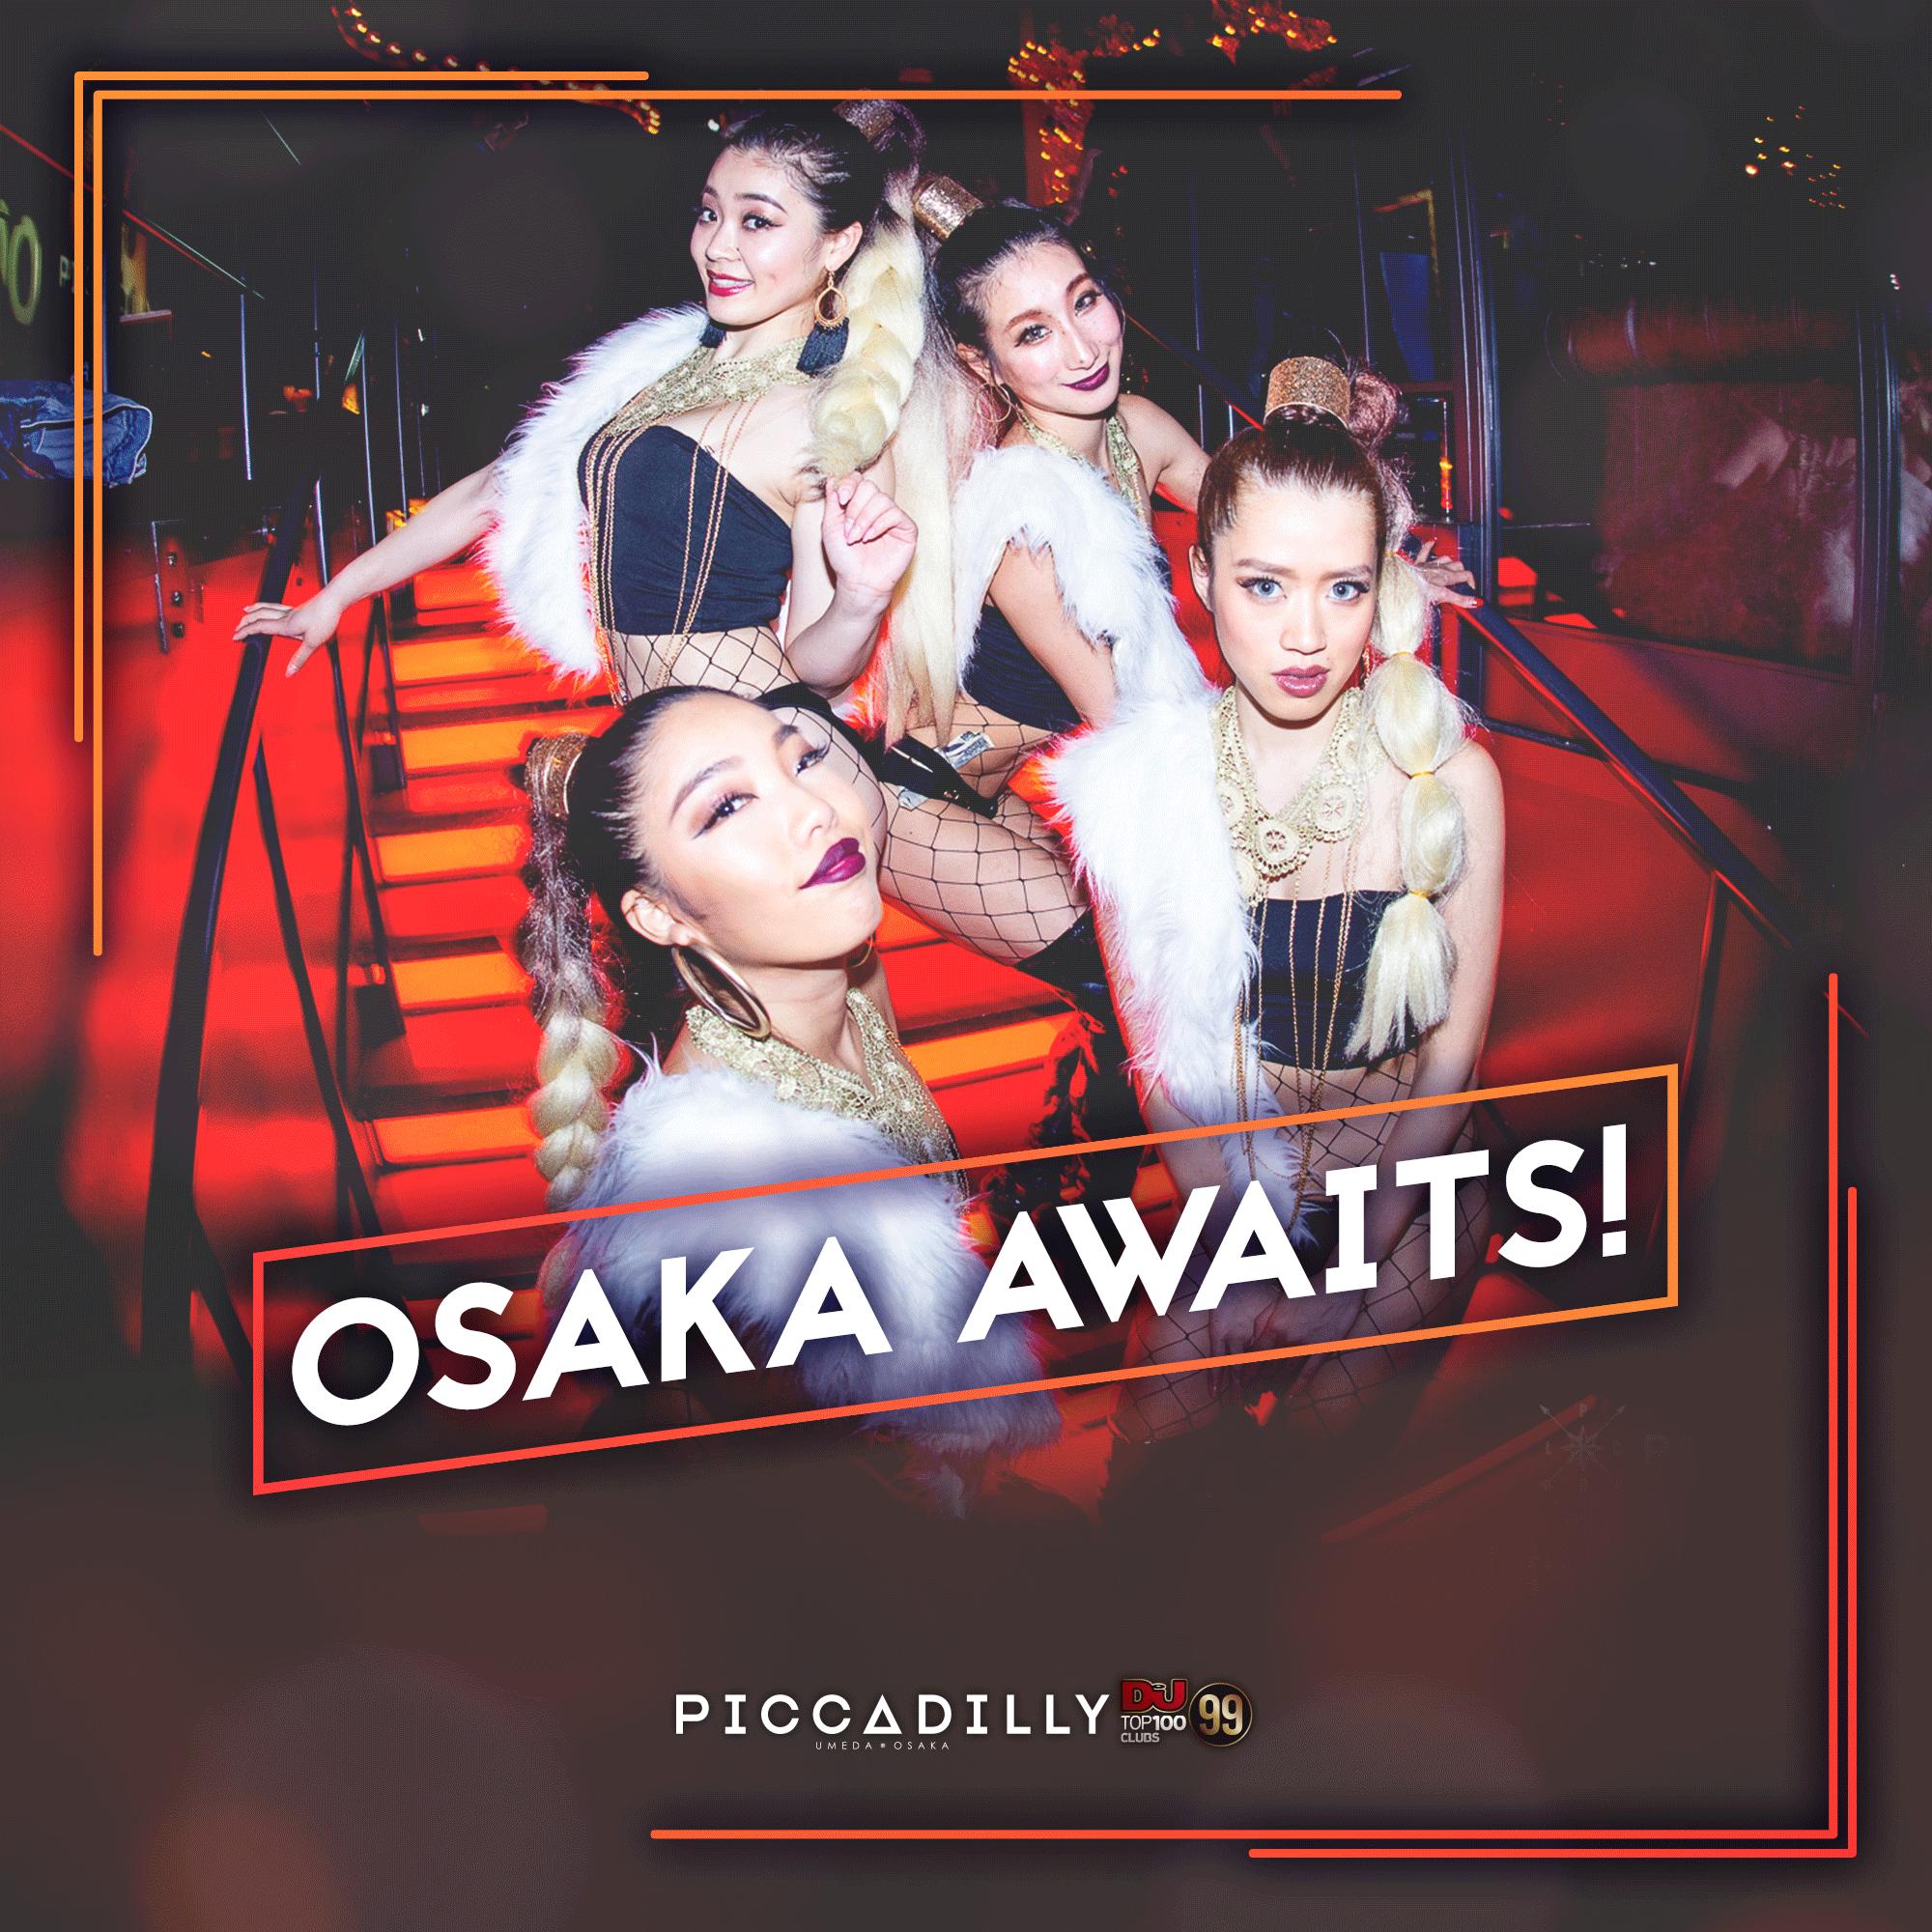 Osaka-Awaits.png